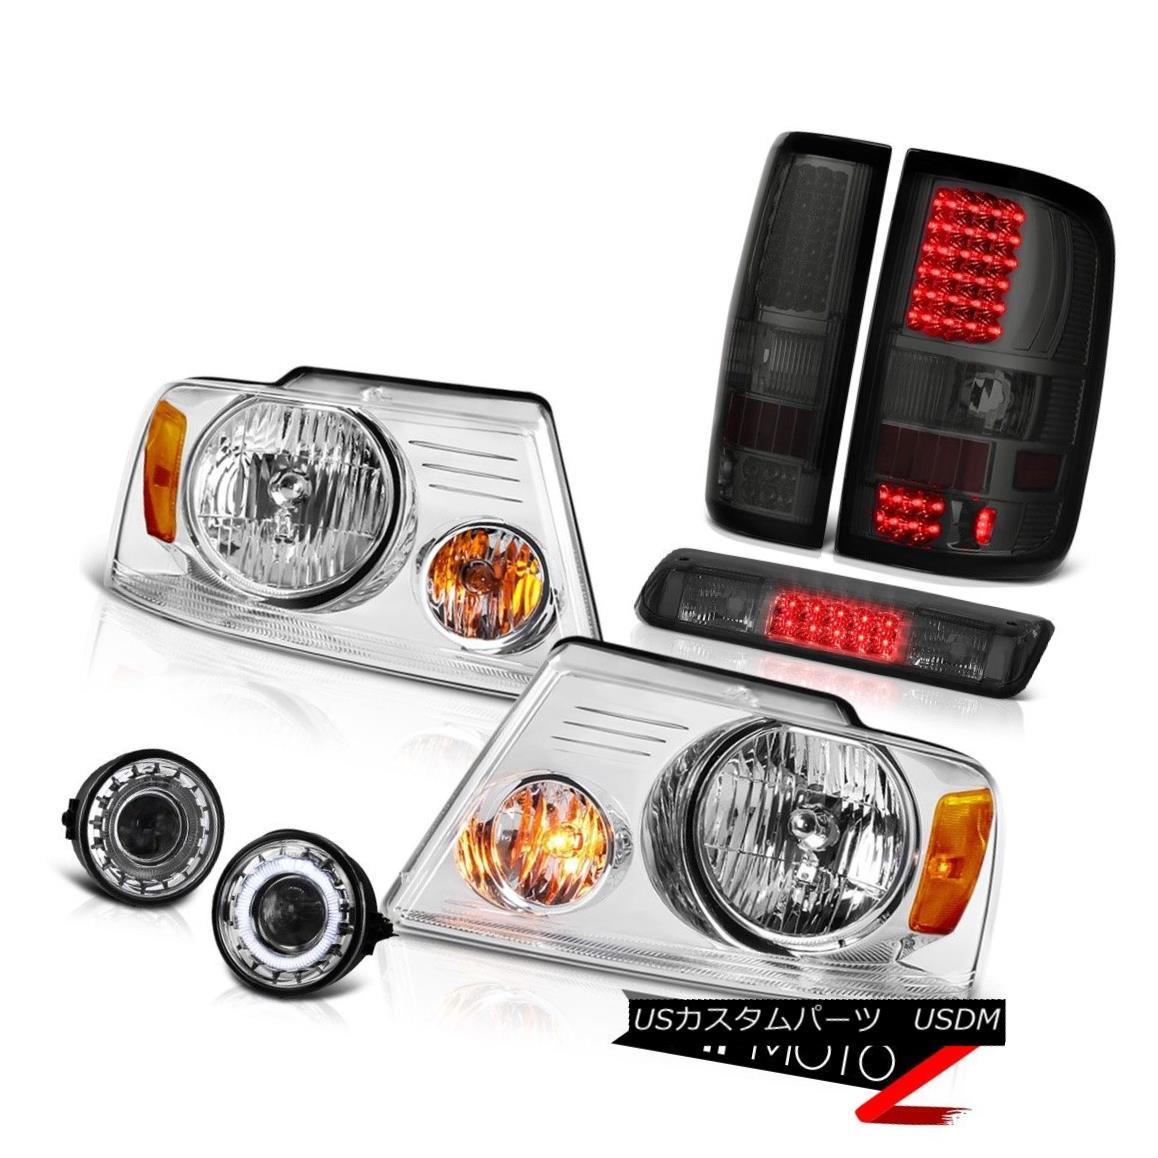 テールライト 06-08 Ford F150 STX Fog Lights Smoked Roof Cargo Lamp Headlamps Tail Lamps LED 06-08 Ford F150 STXフォグライティングスモークルーフカーゴランプヘッドランプテールランプLED